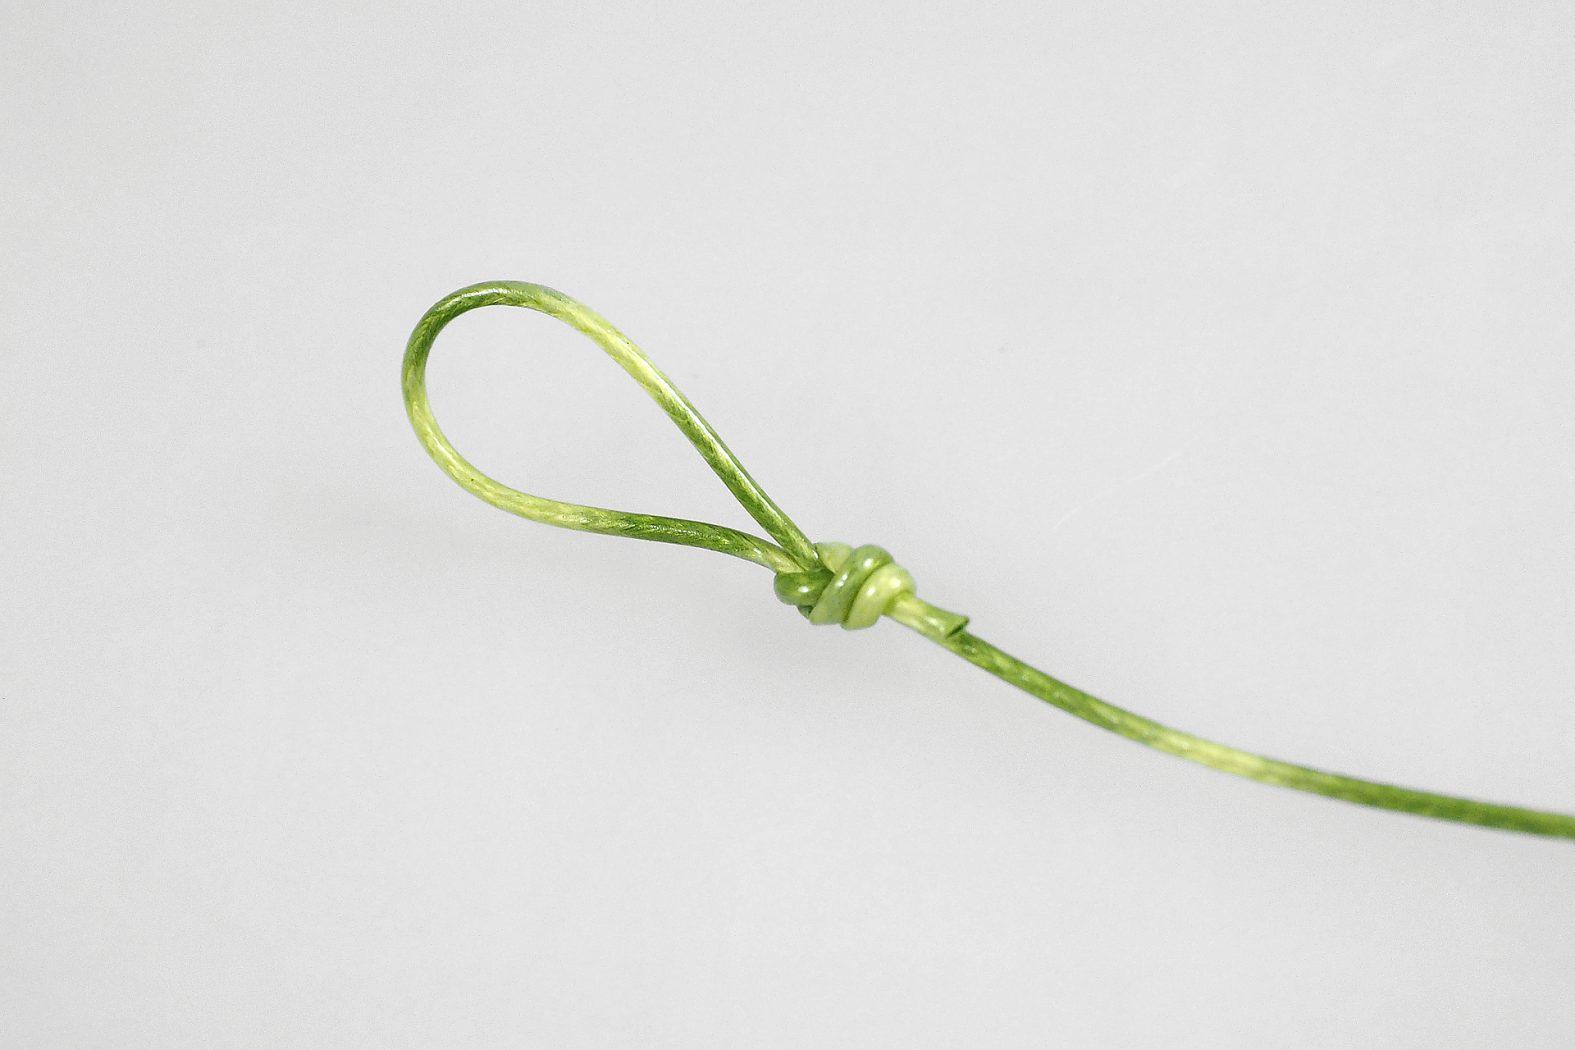 Knoten für coated hooklink